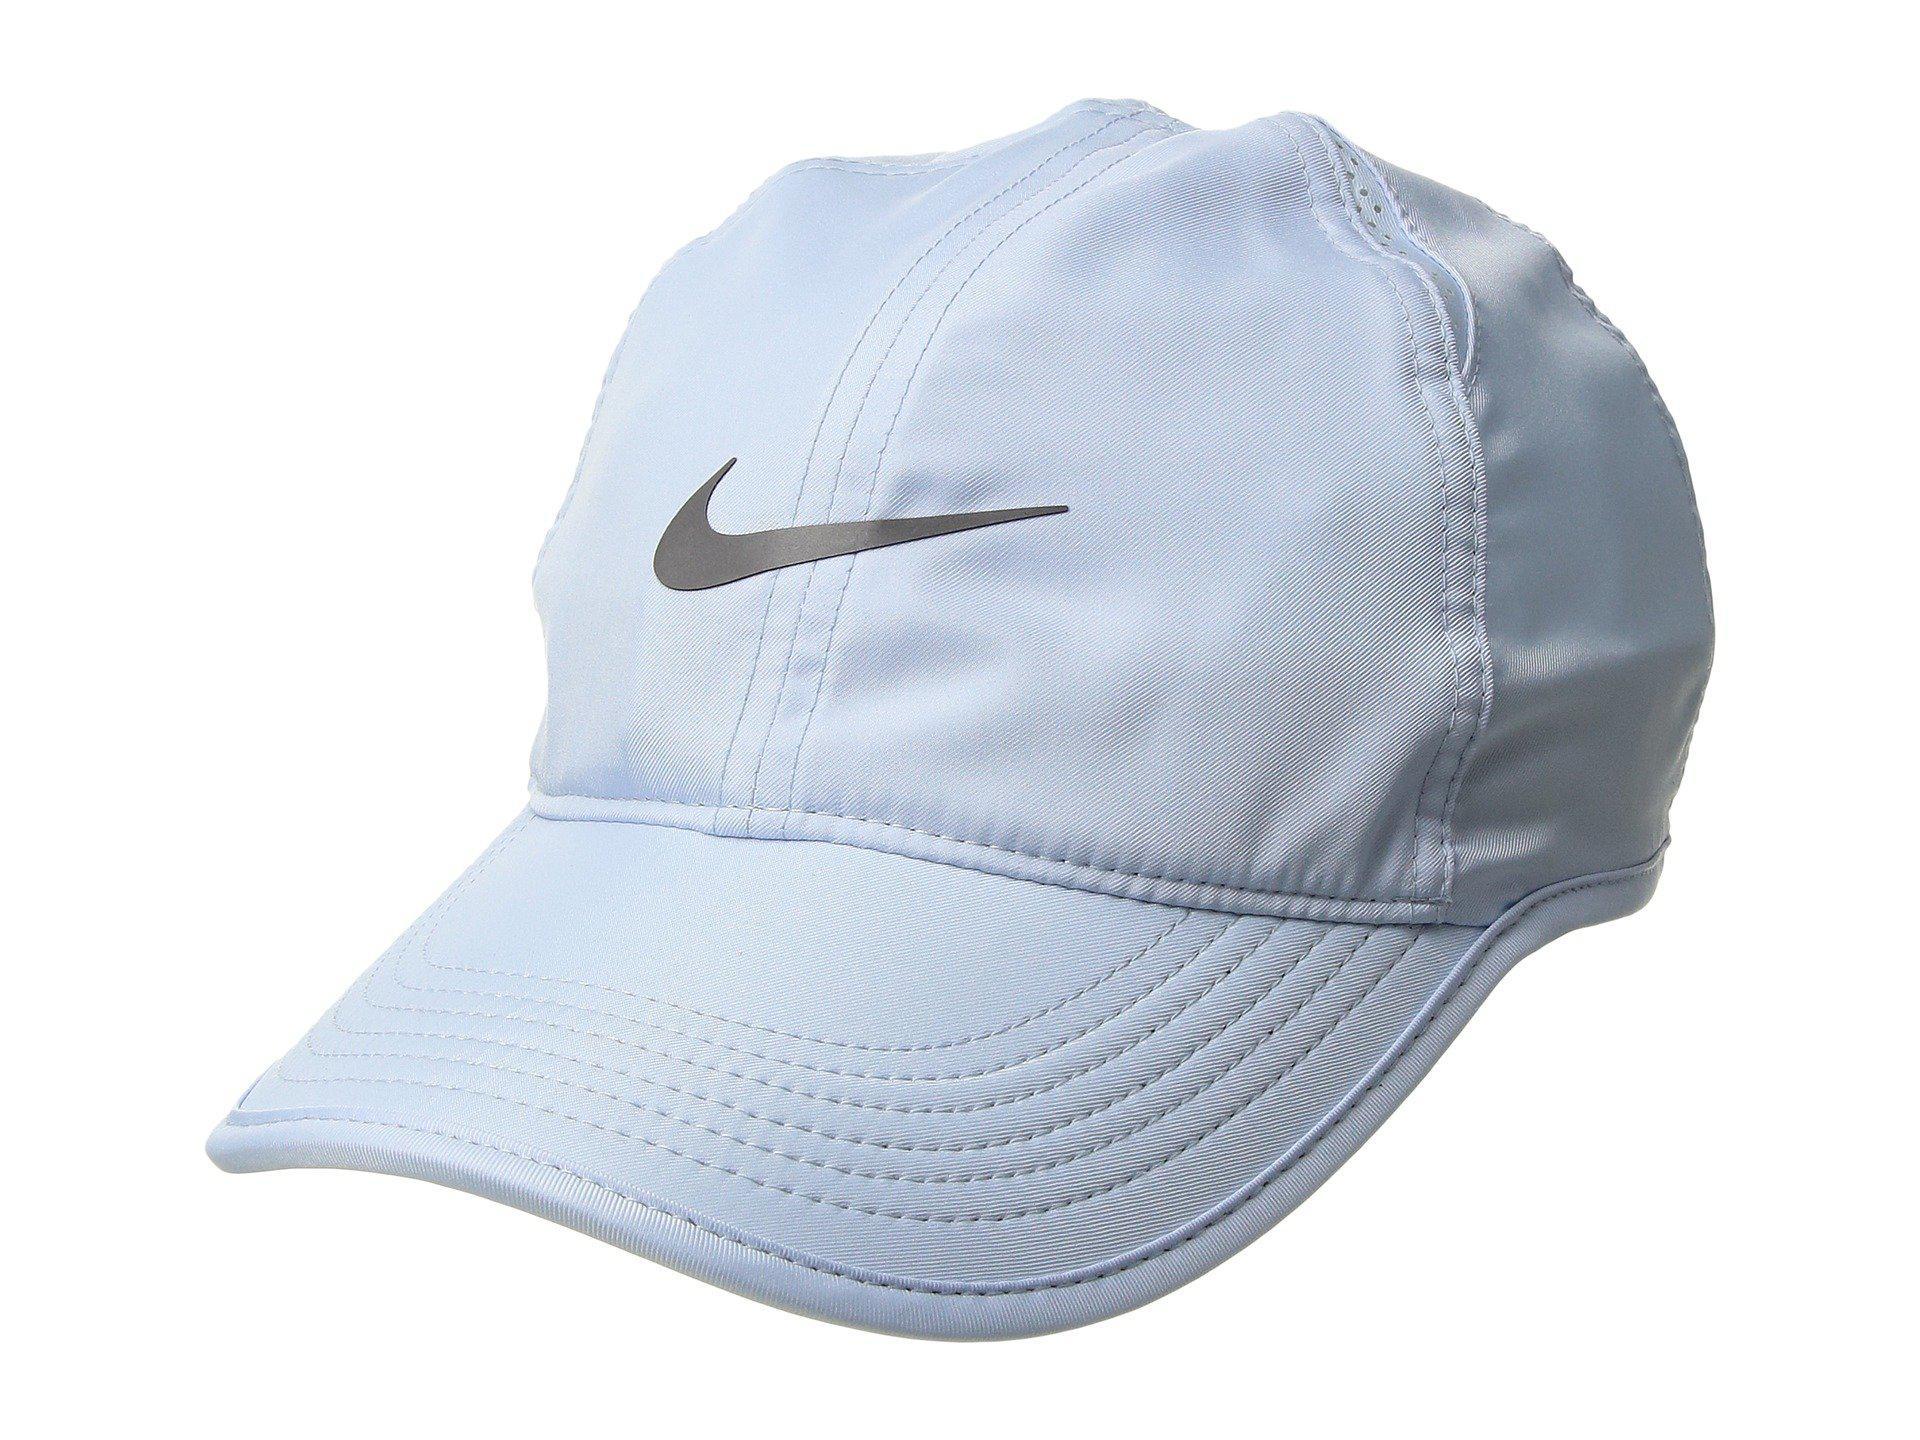 d639cf6428ef7 Lyst - Nike Featherlight Cap – Women s in Blue for Men